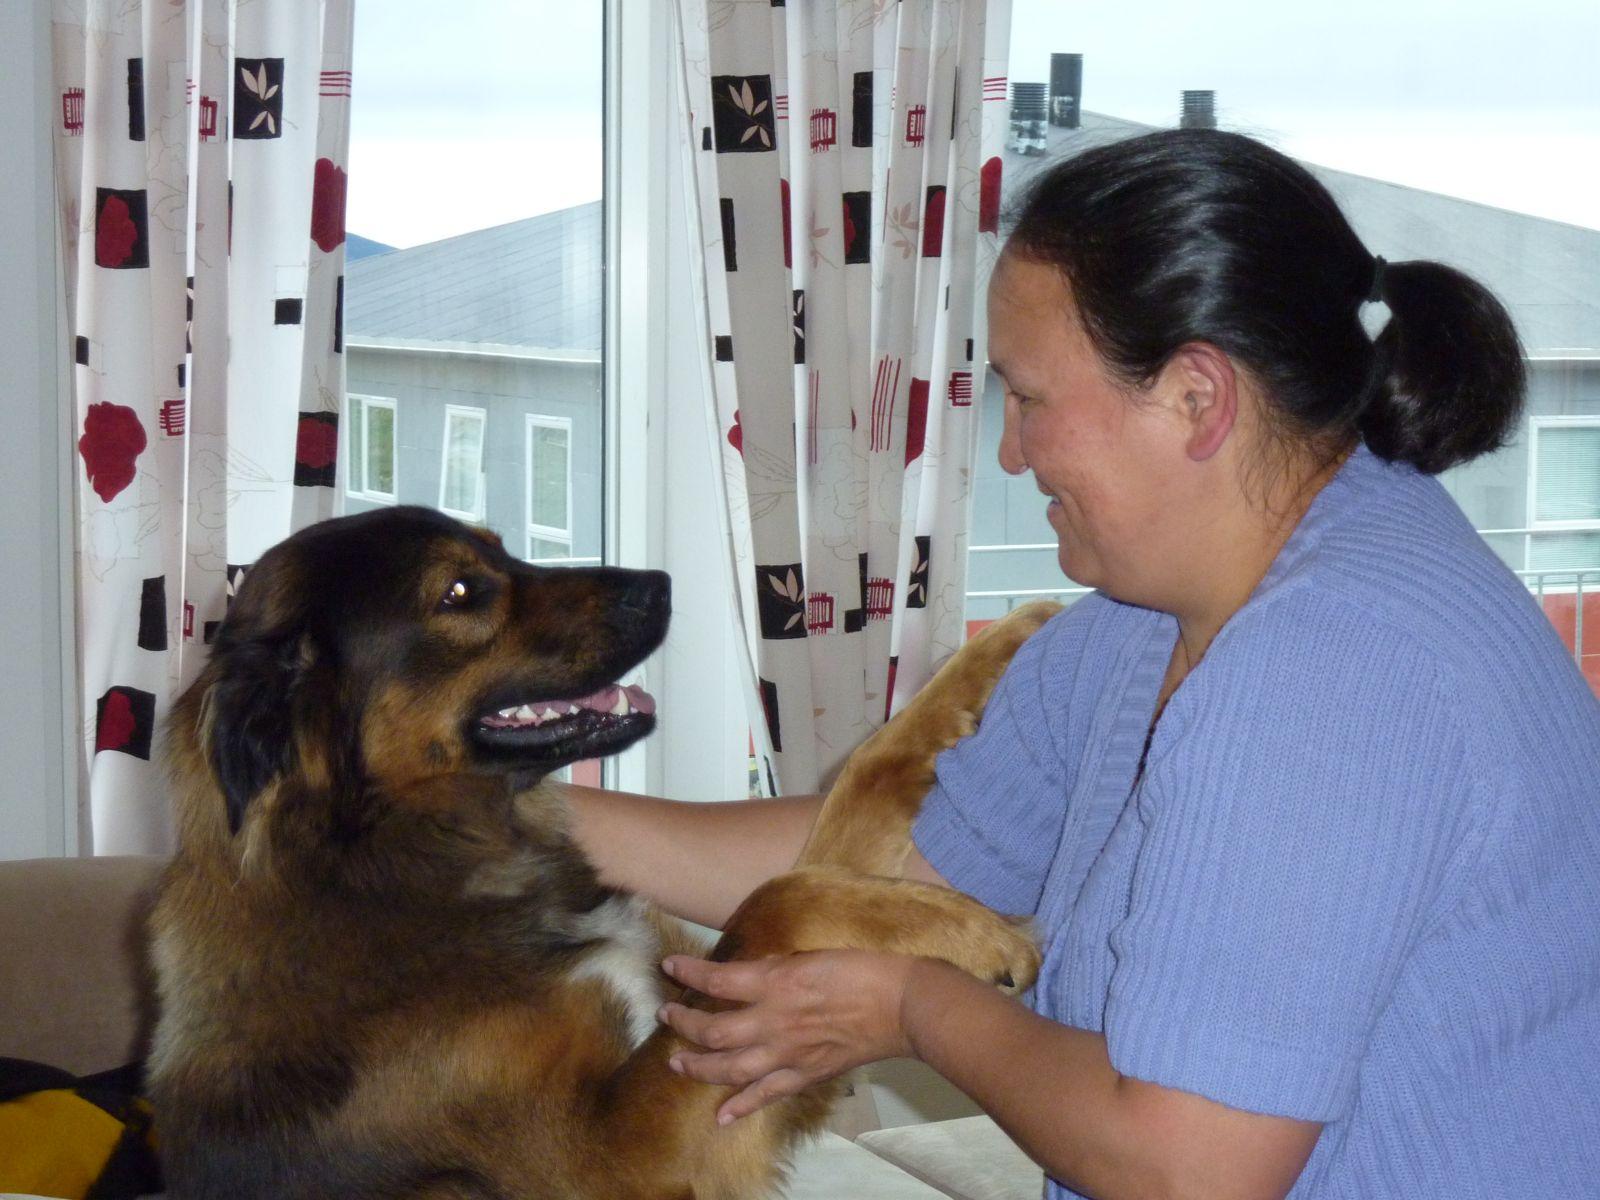 2010-07-01-1922_-_Djanco; Maren Mikkelsen Lennert